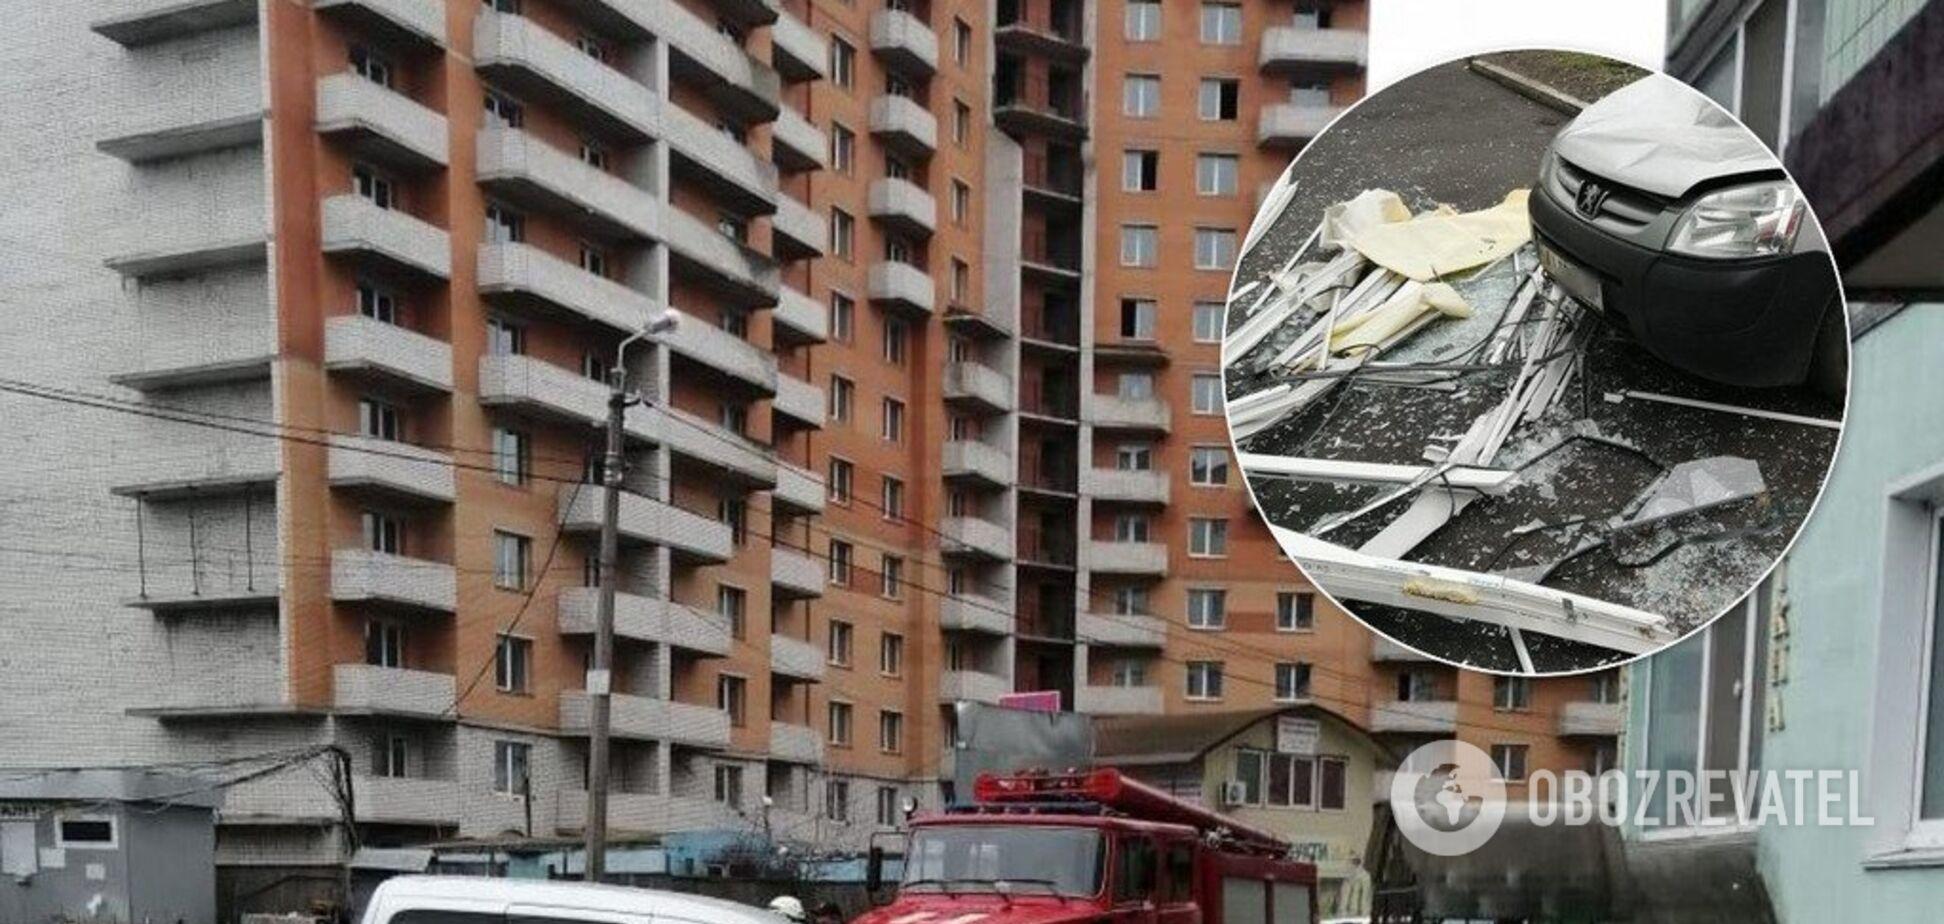 Під Києвом вибухнув газ у багатоповерхівці: є постраждалий. Фото НП